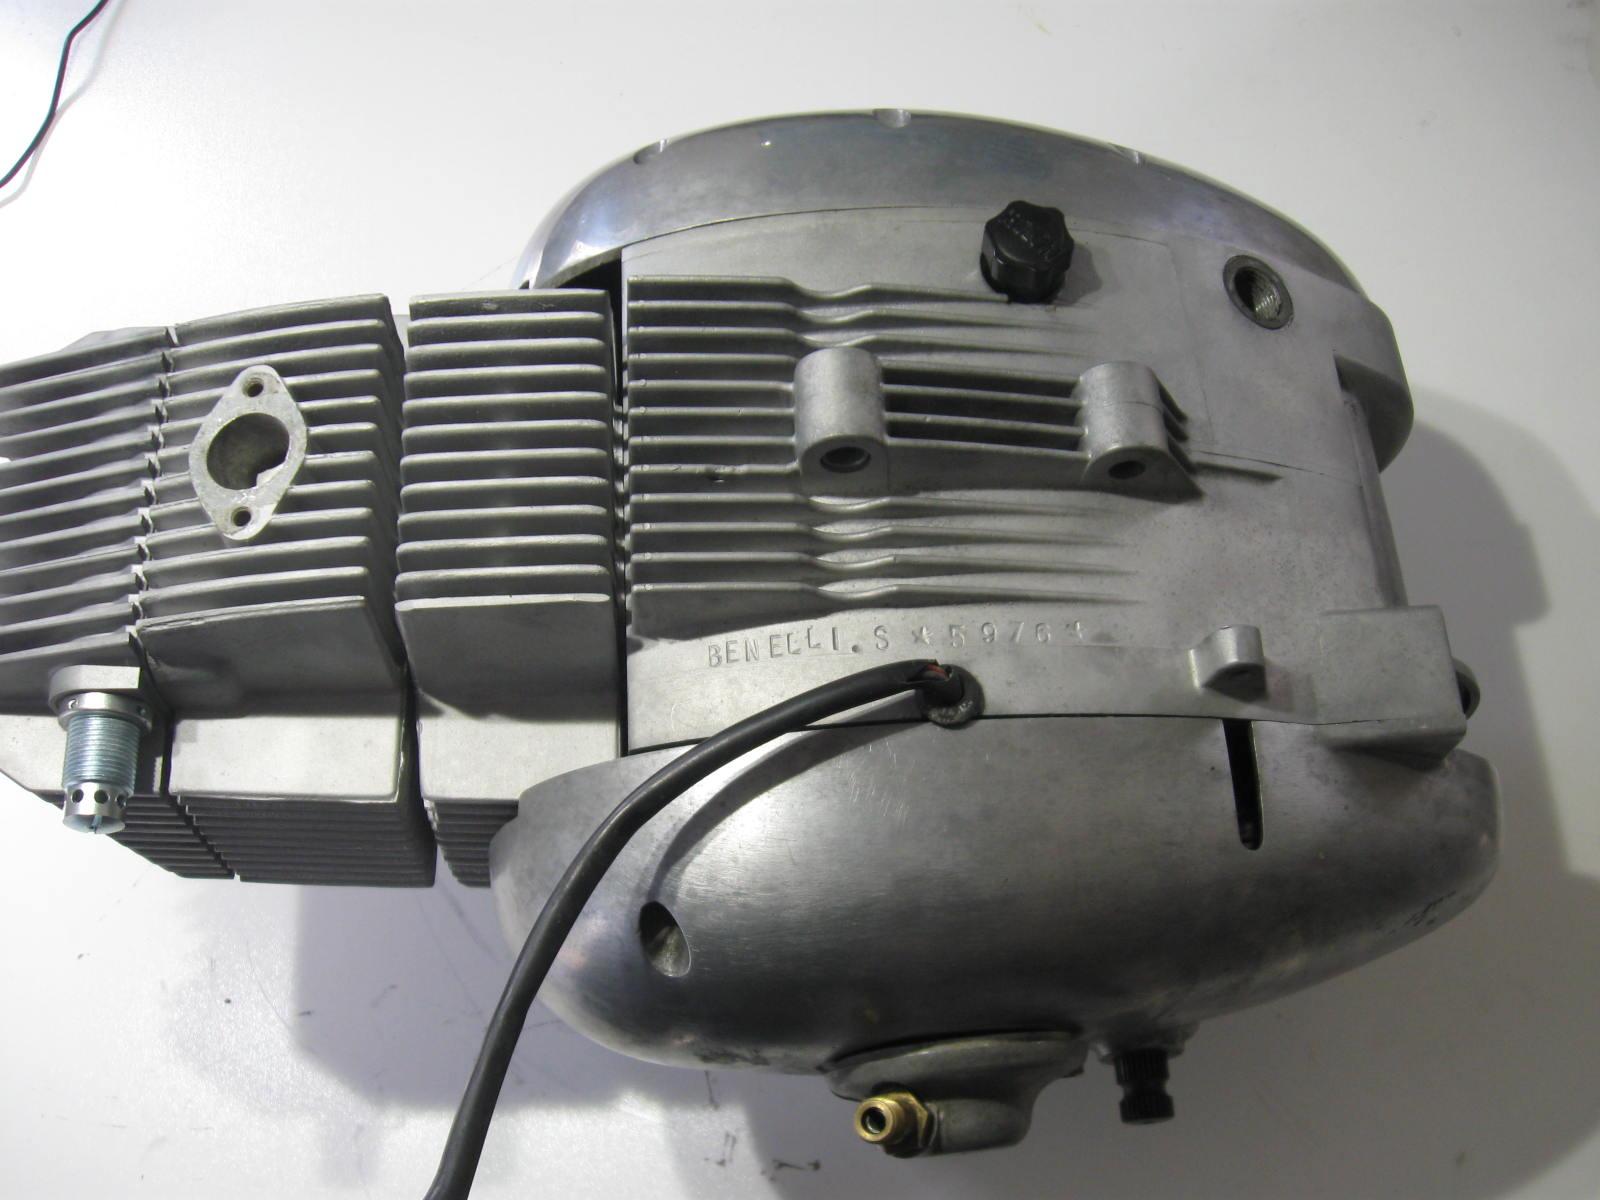 '73 250 SuperSport motor availble-img_1770.jpg